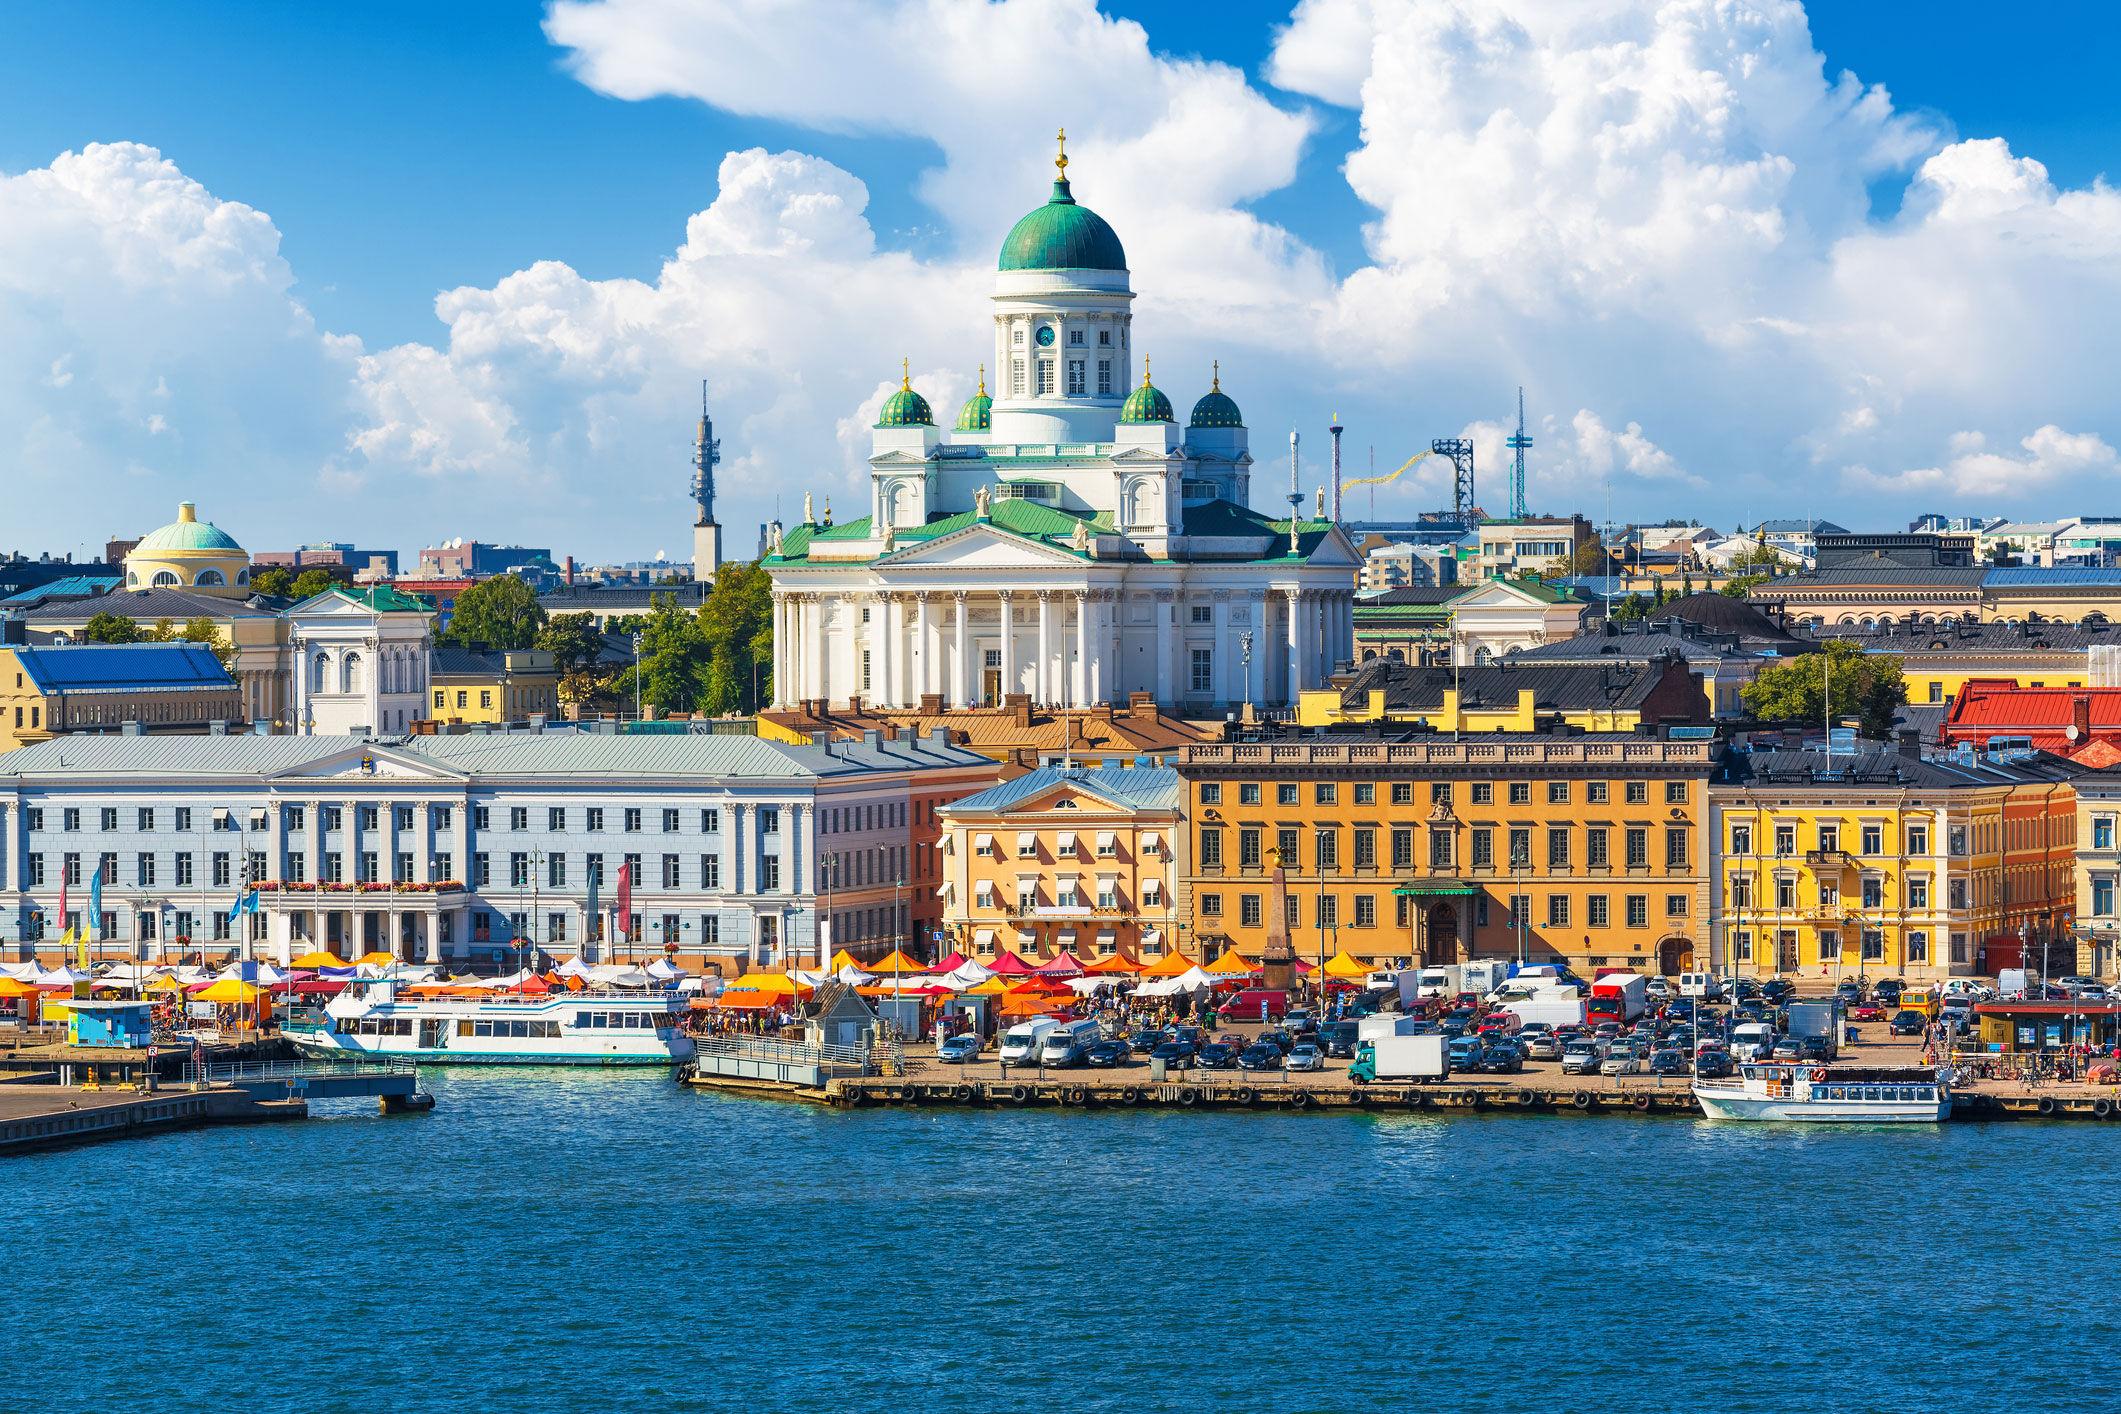 Helsinki, scanrail | istockphoto.com/